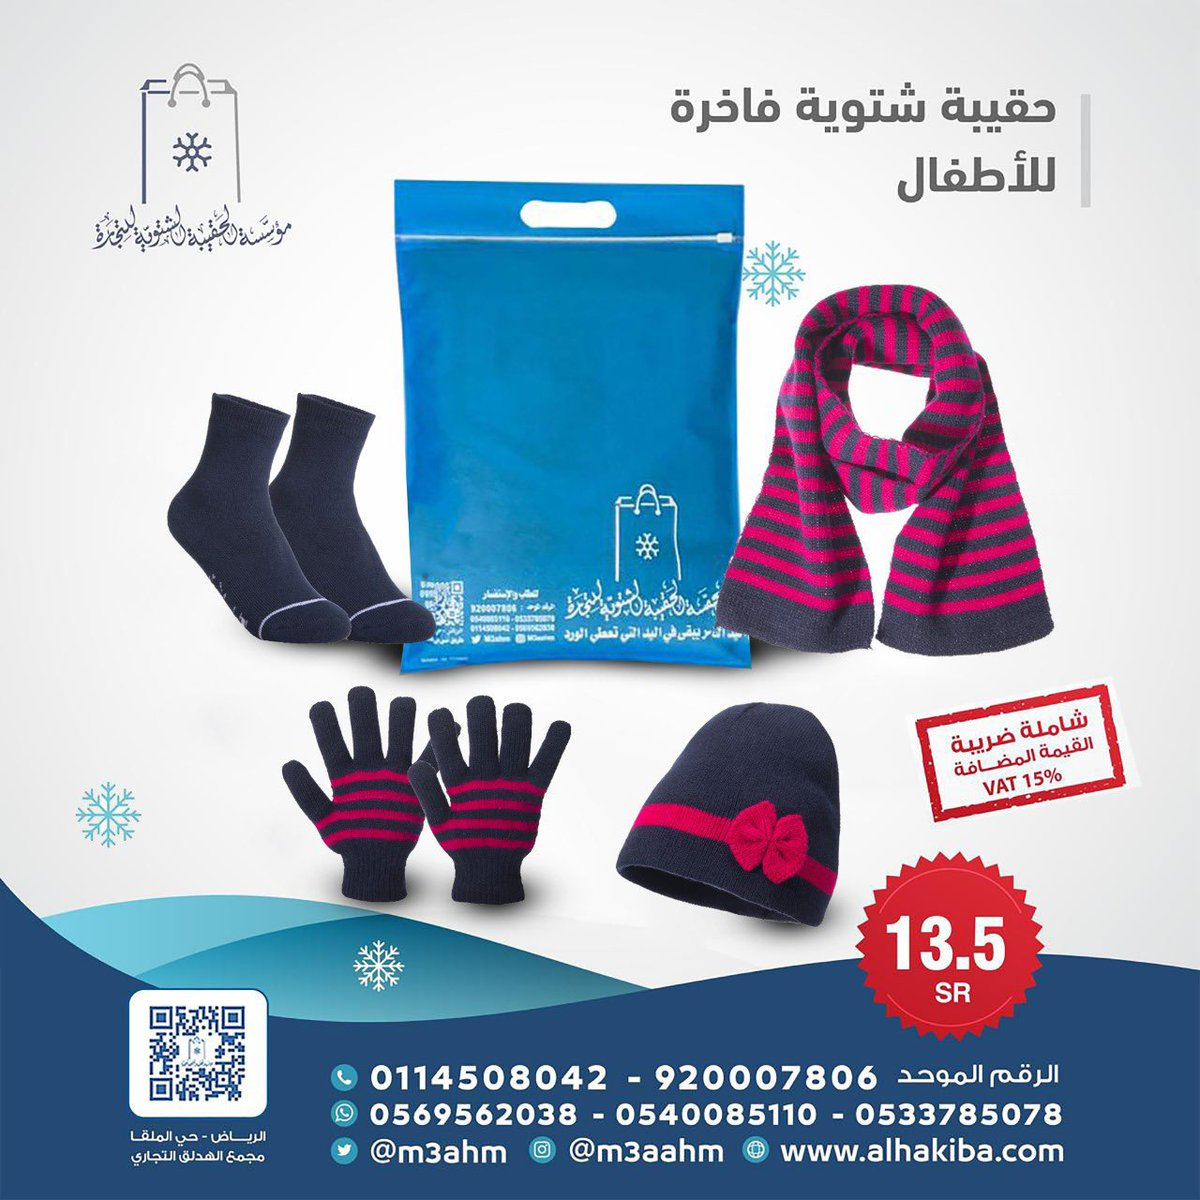 الحقيبة الشتوية 🎒 مناسبة للتوزيع على العمال والرعاة❄   . 🖥   ☎ 0540085110 - 0569562038  [ ما أجمل أن نكون مصدر سعادة ودفء ] 😍